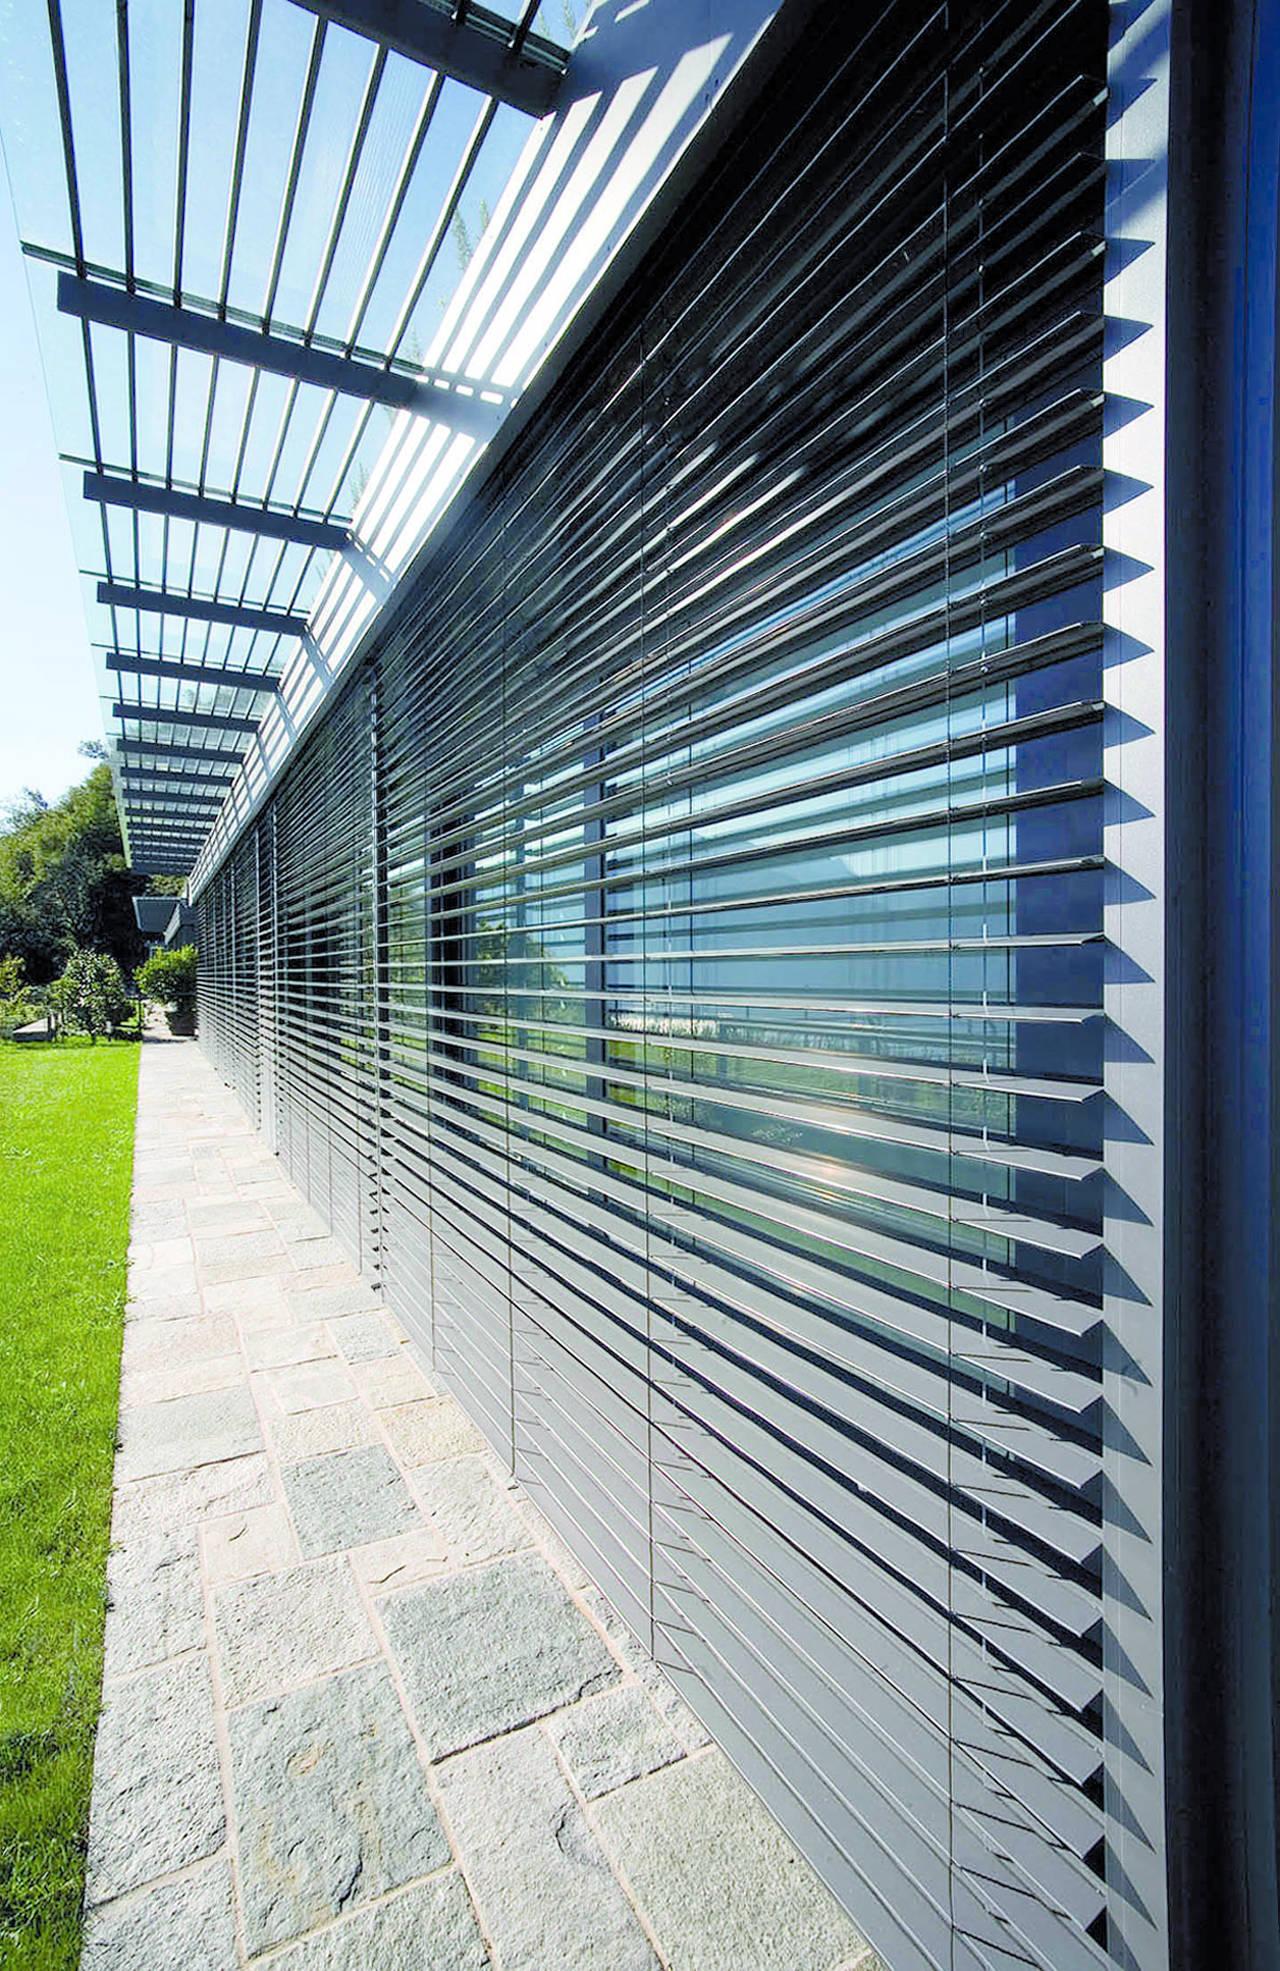 Monoblocco presystem frangisole di alpac - Frangisole esterni per finestre ...